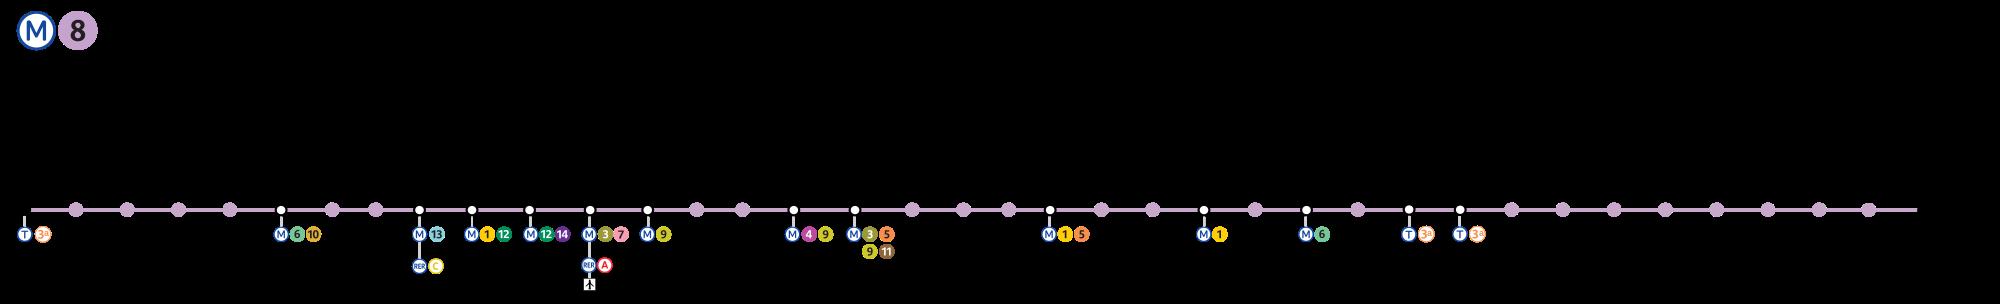 Paris Métro Line 8